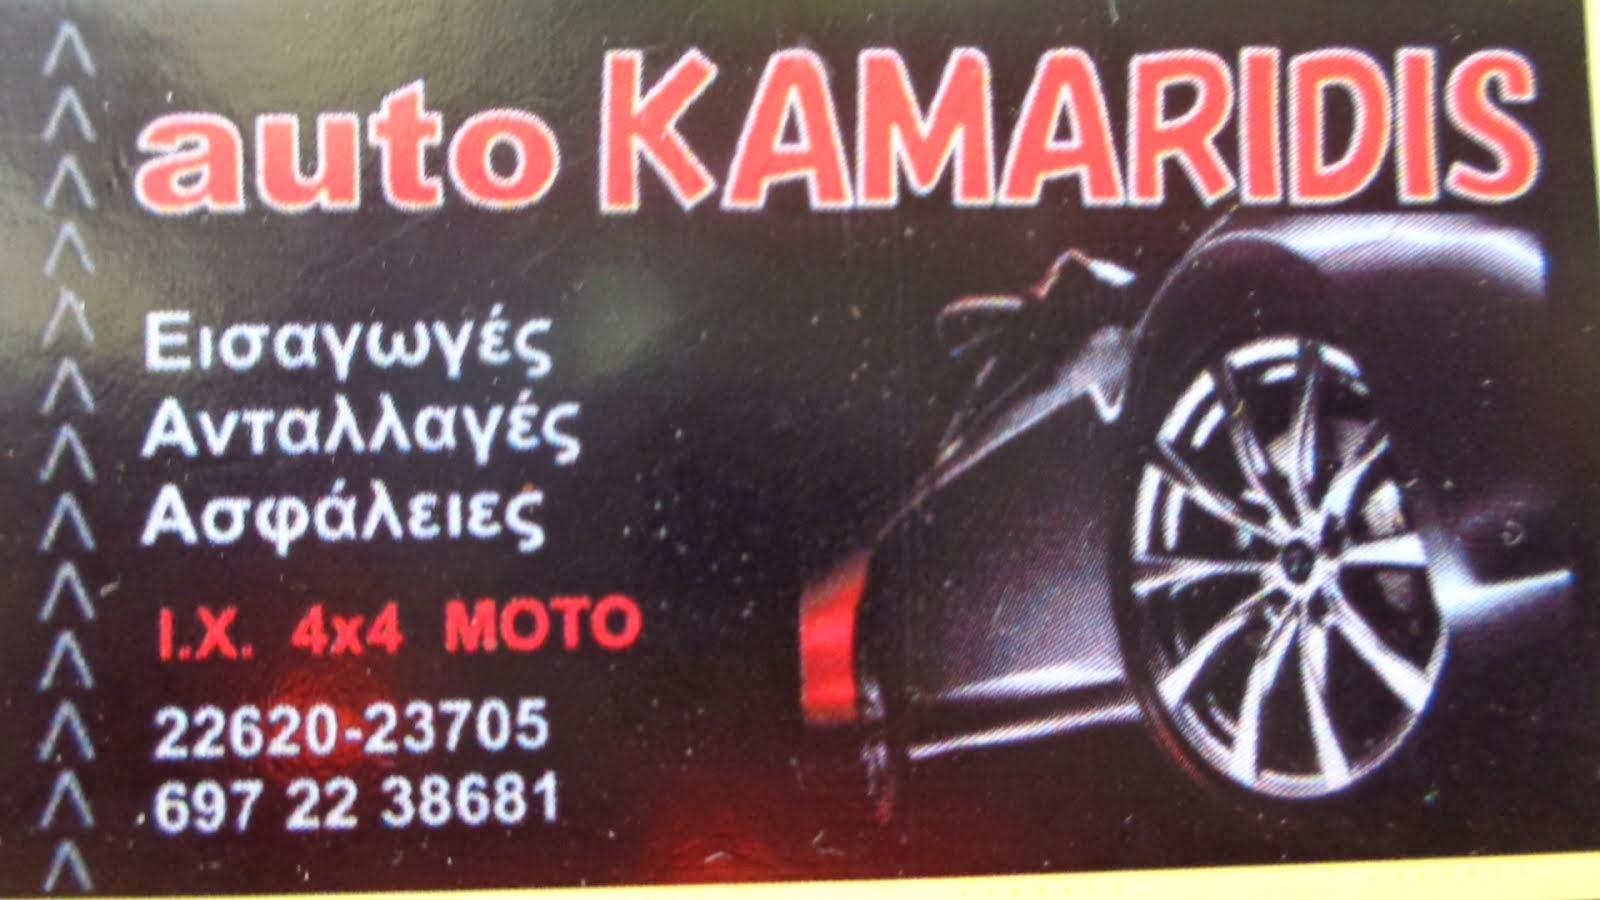 auto KAMARIDIS